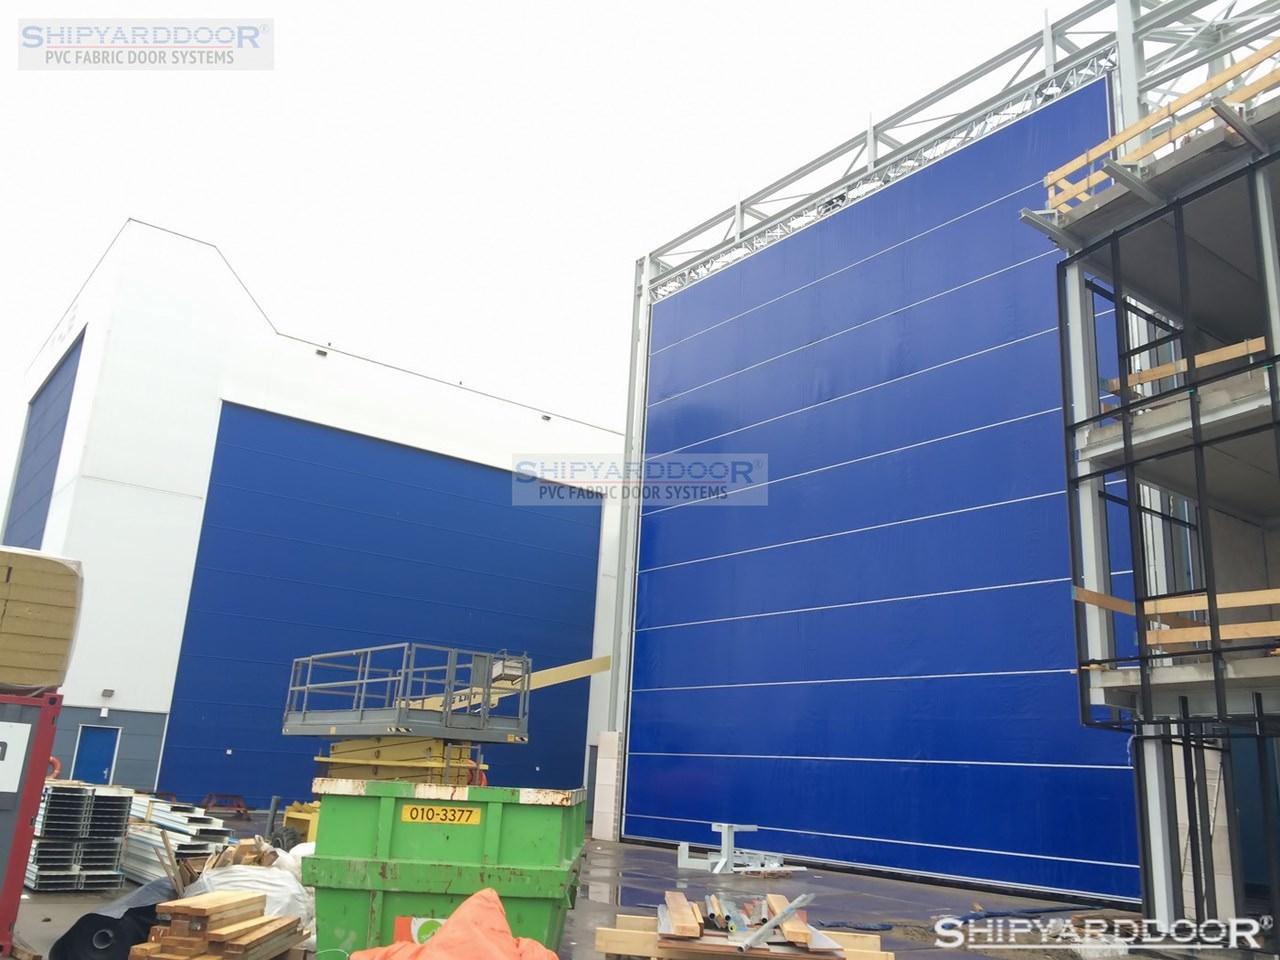 shippyard hangar door en shipyarddoor